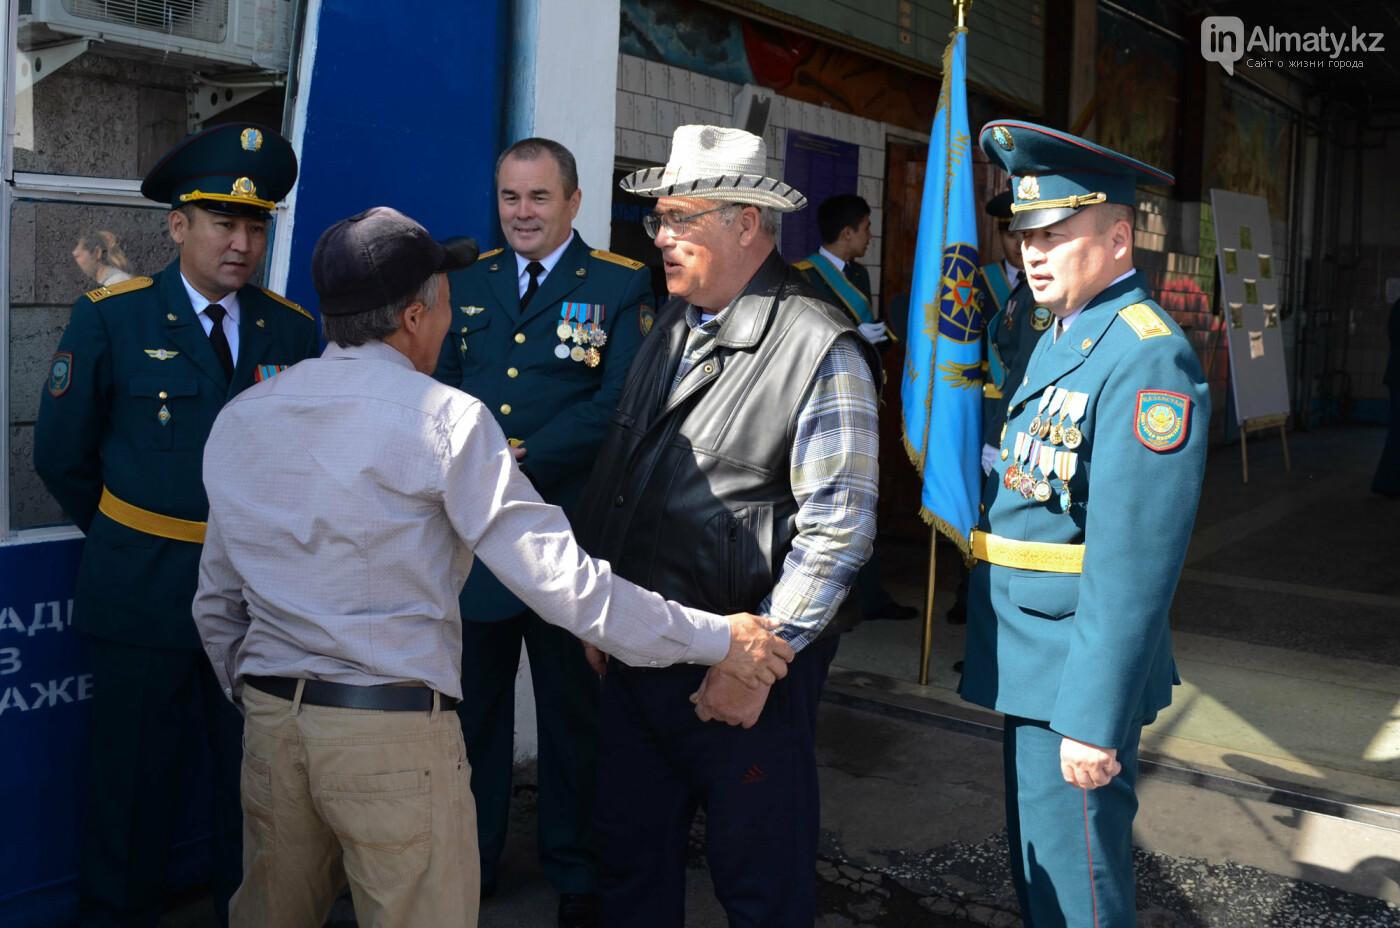 В Алматы почтили память пожарных героически погибших 30 лет назад , фото-2